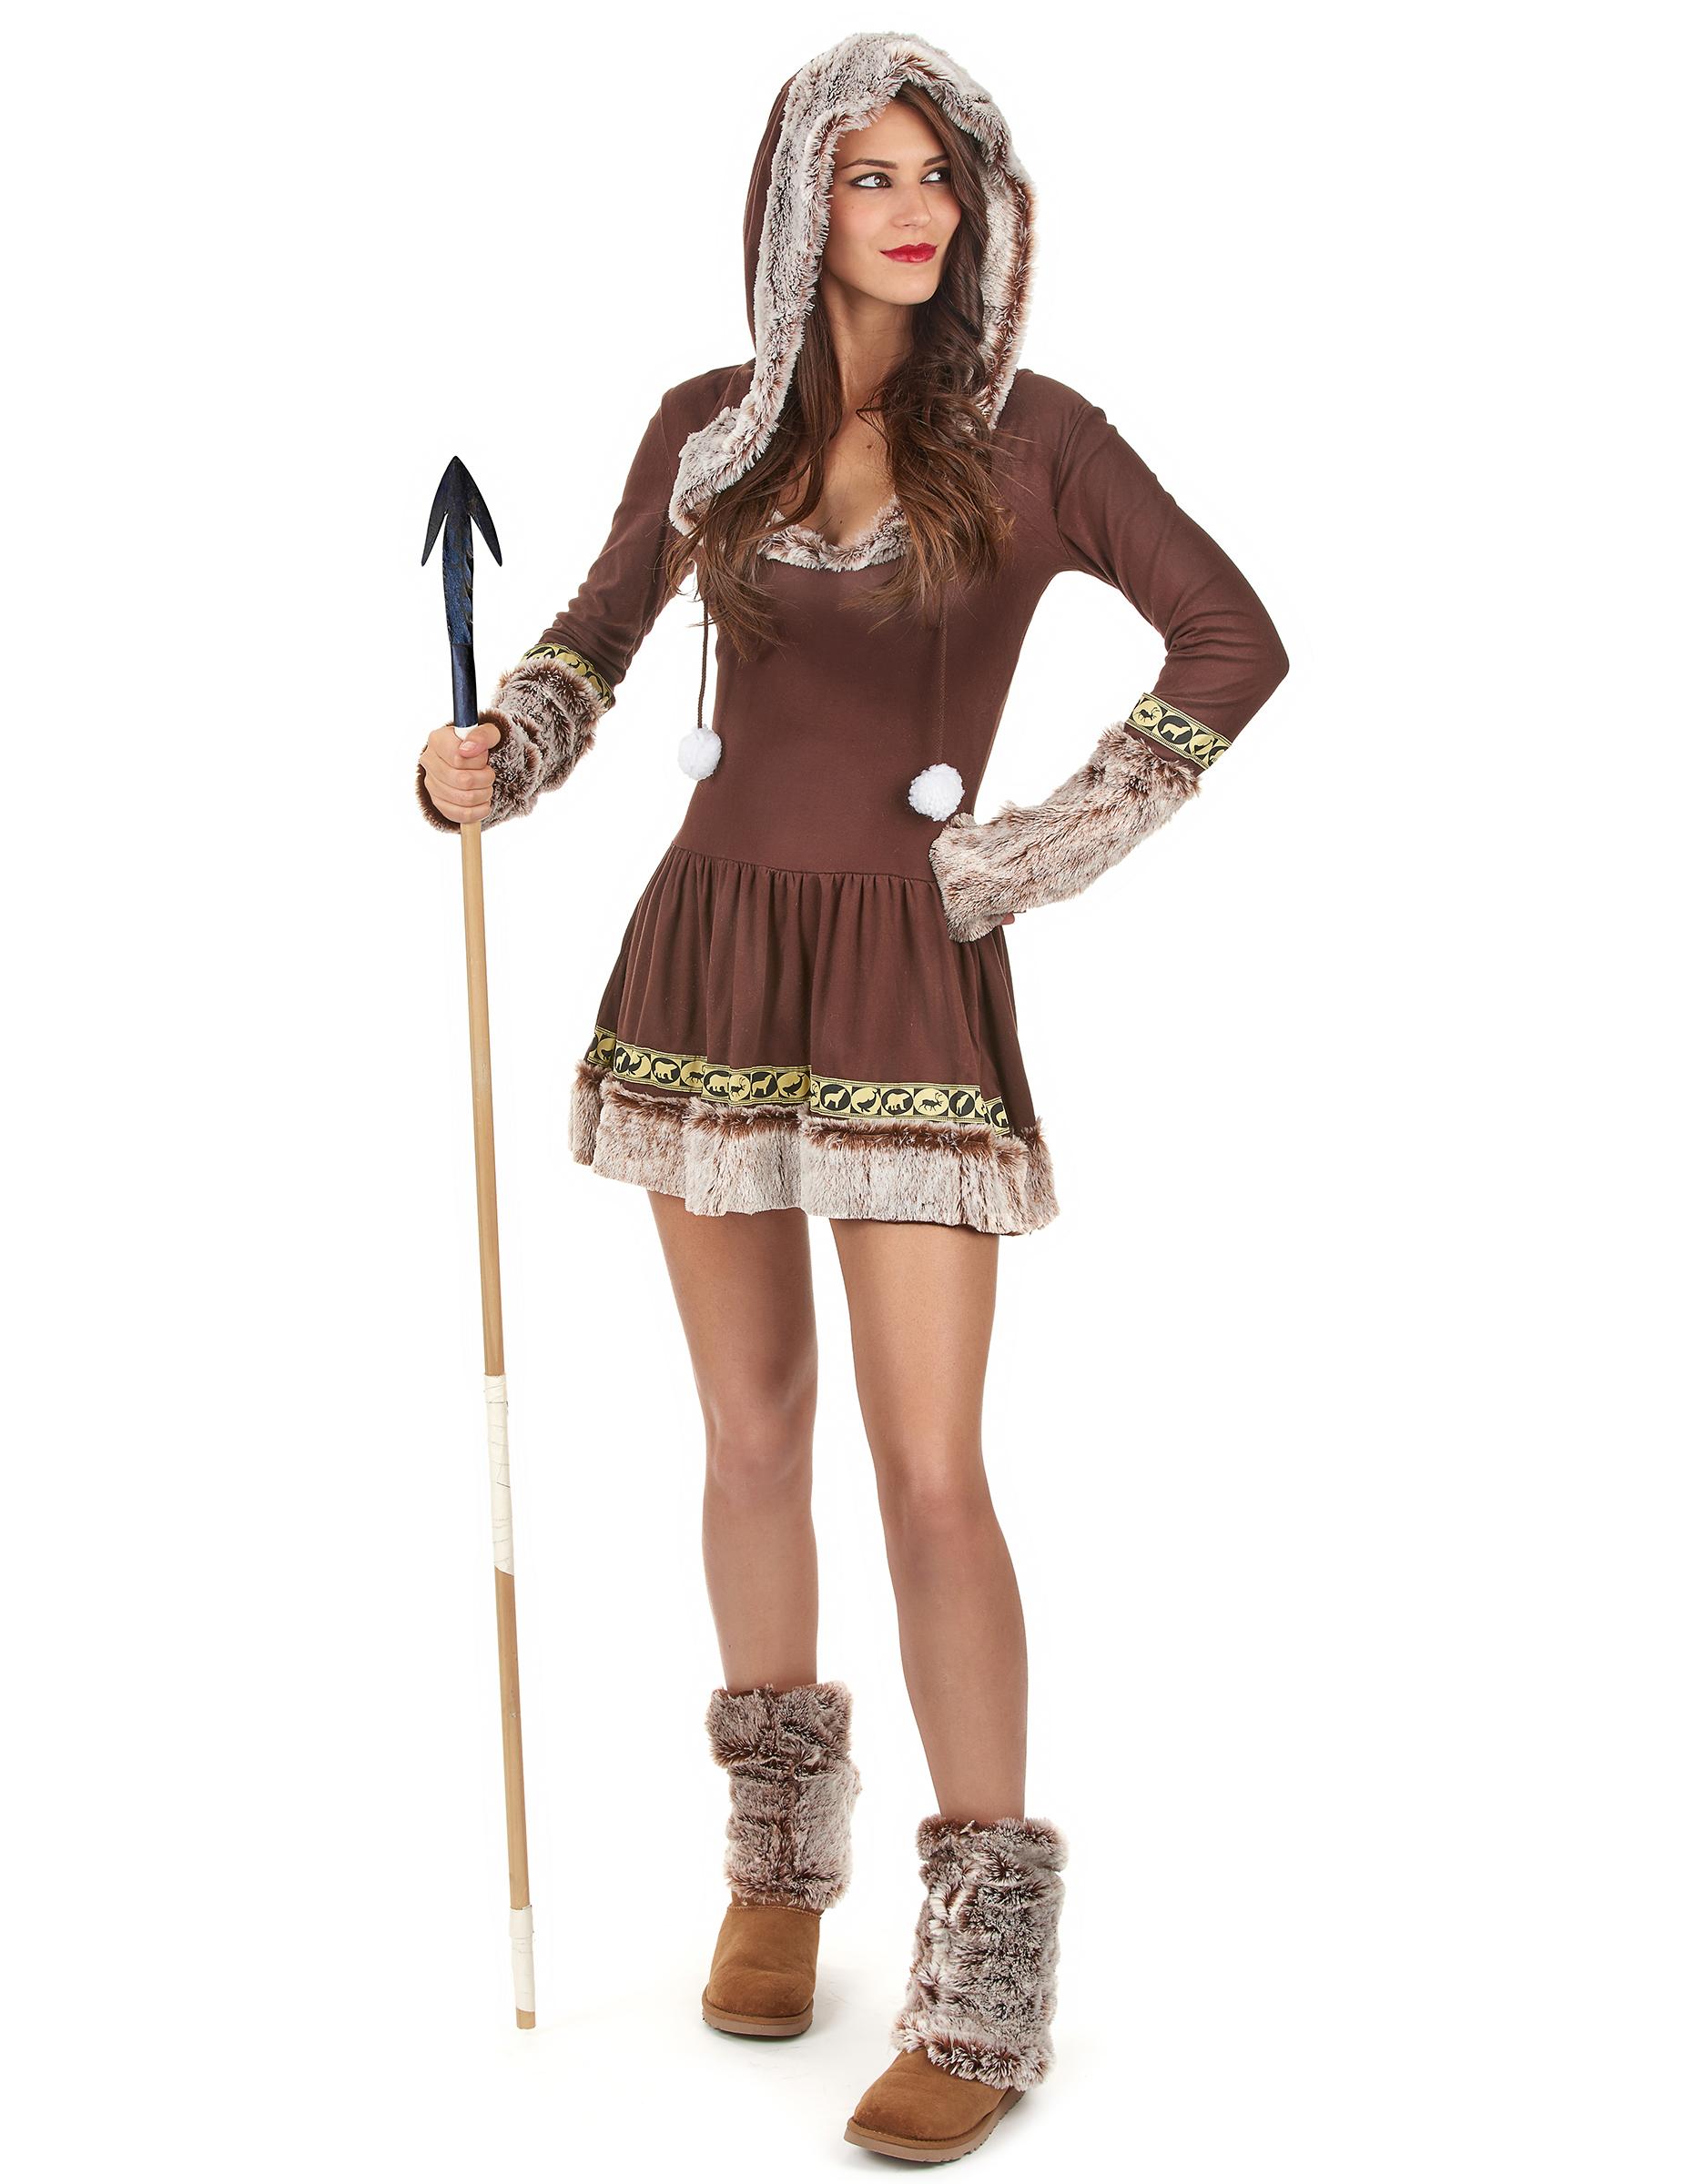 feae89e4b7 Costume Eschimese sexy per donna: Costumi adulti,e vestiti di ...